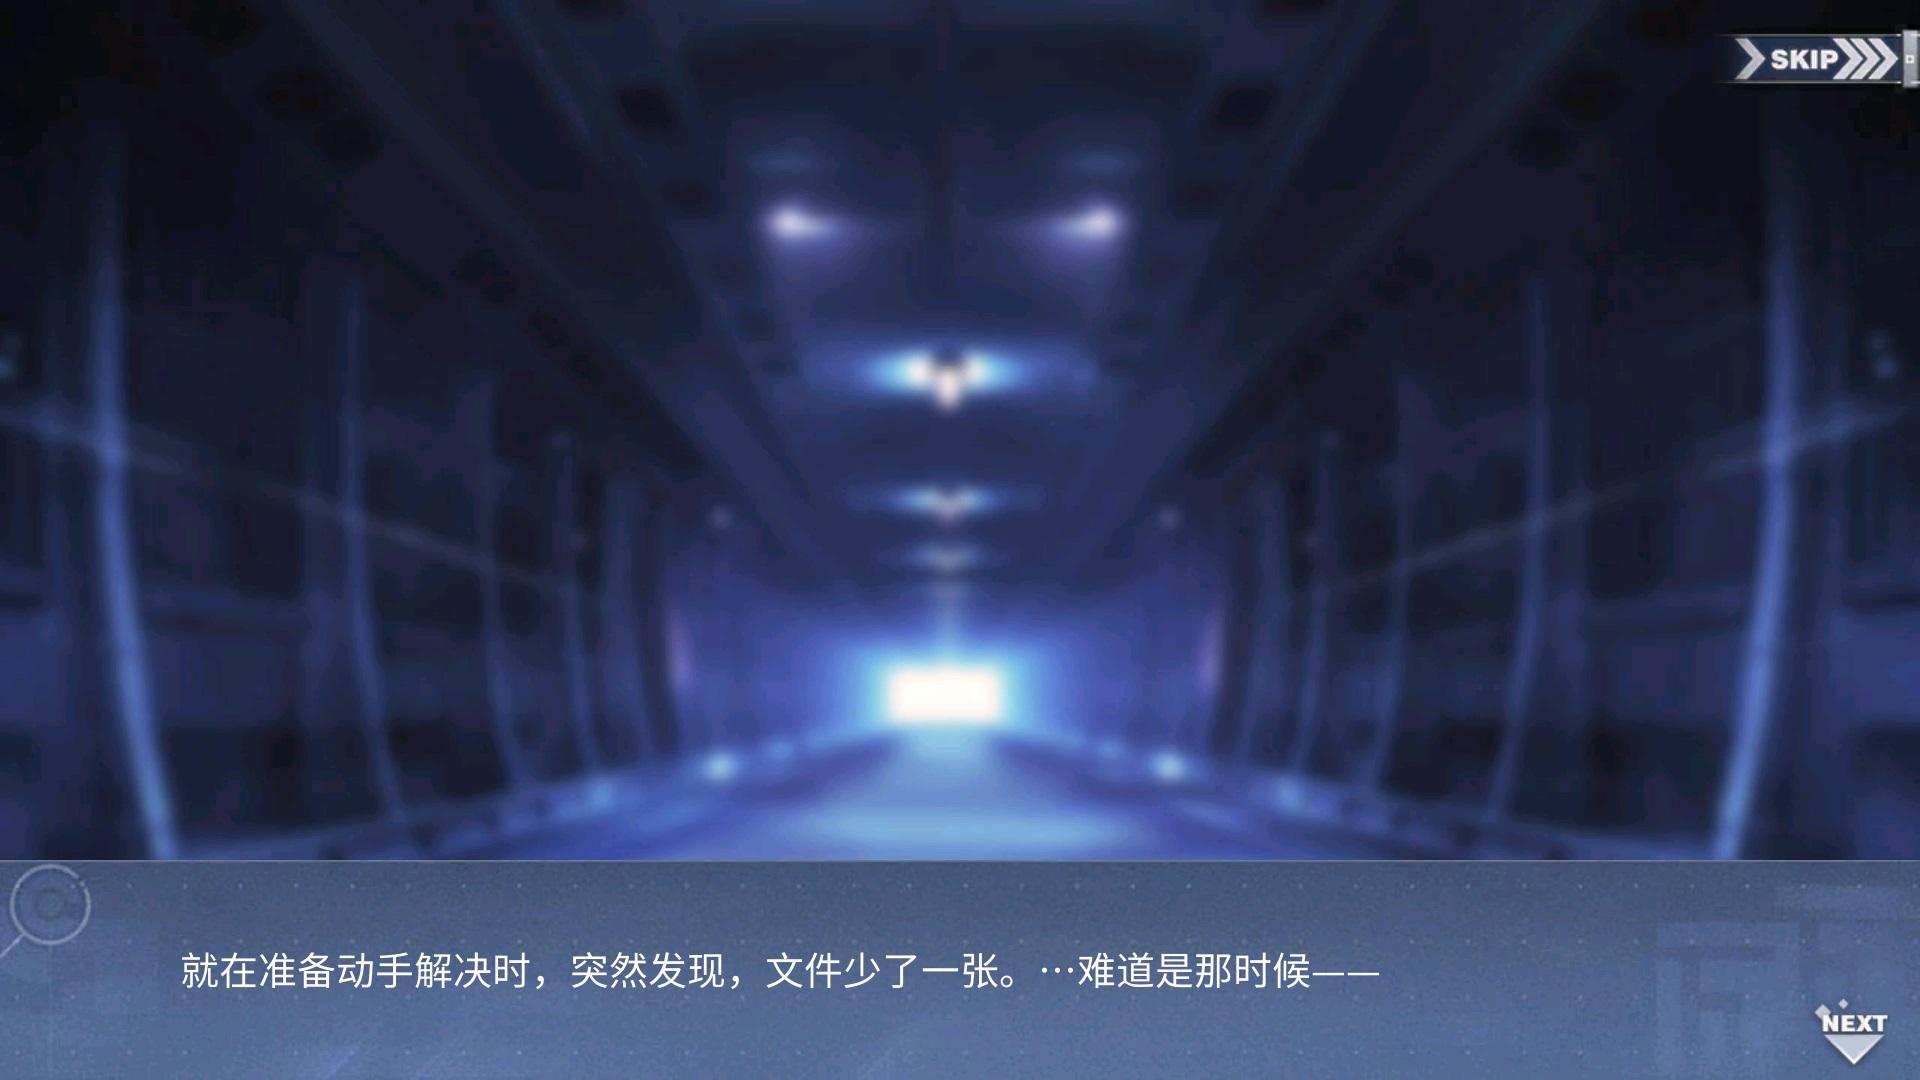 回忆 GO!肯特选手! 黑夜里的光!003.jpg